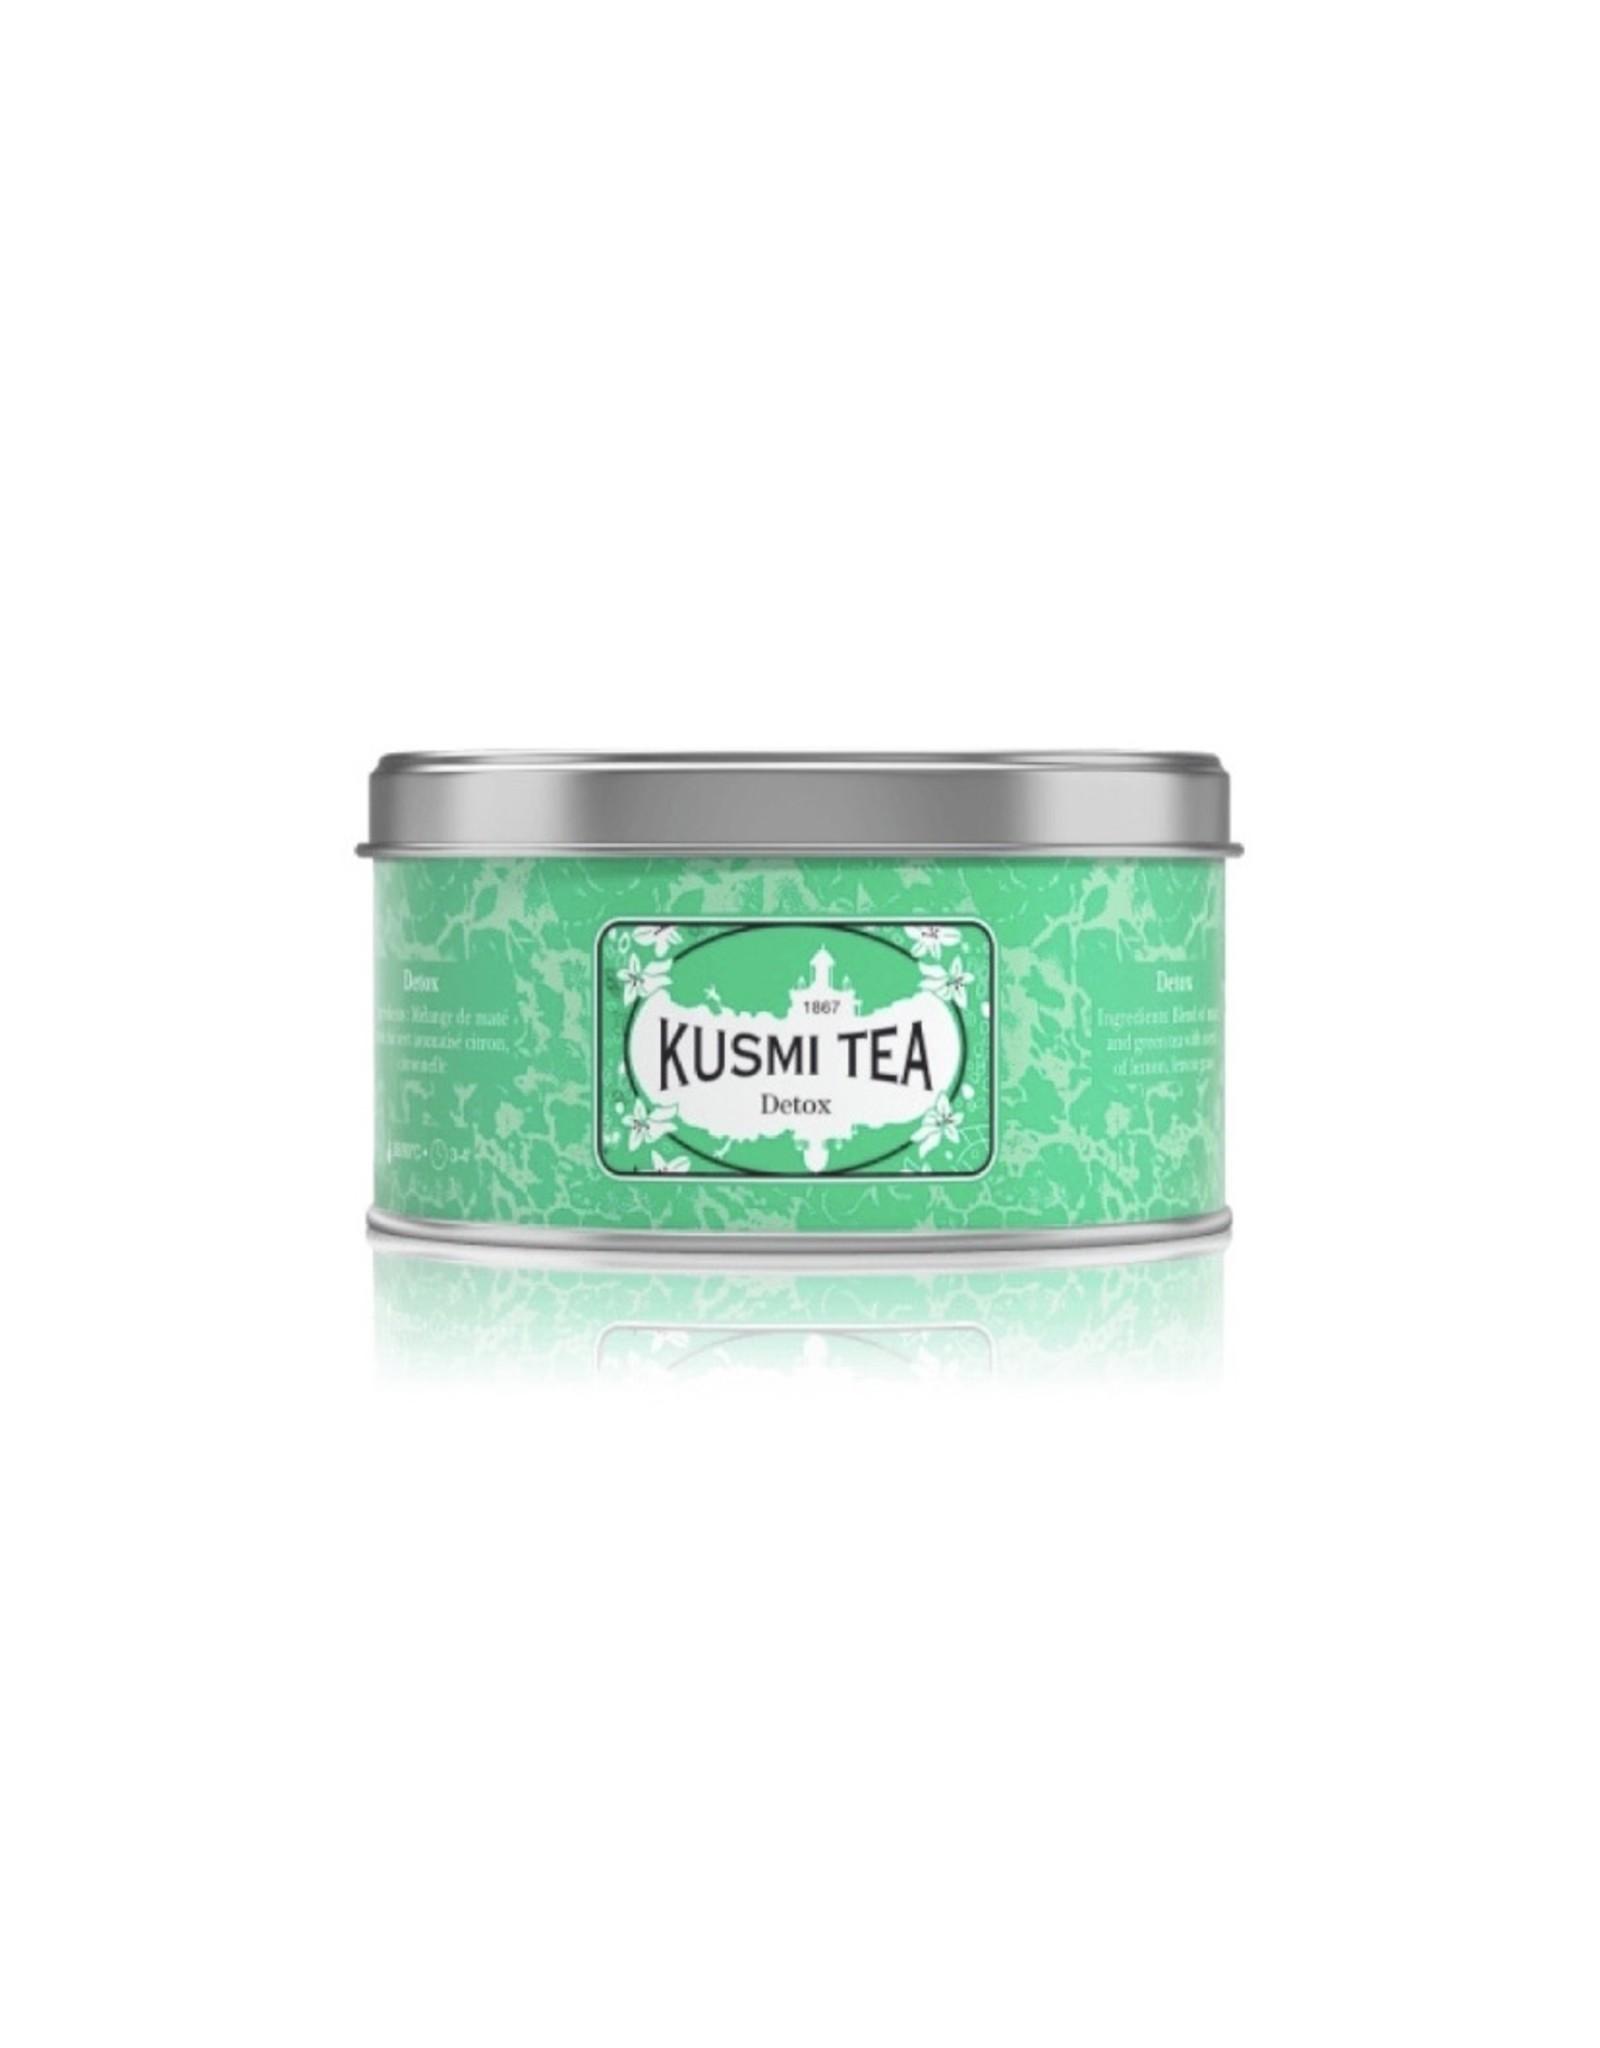 Kusmi Kusmi Tea Detox, 125g